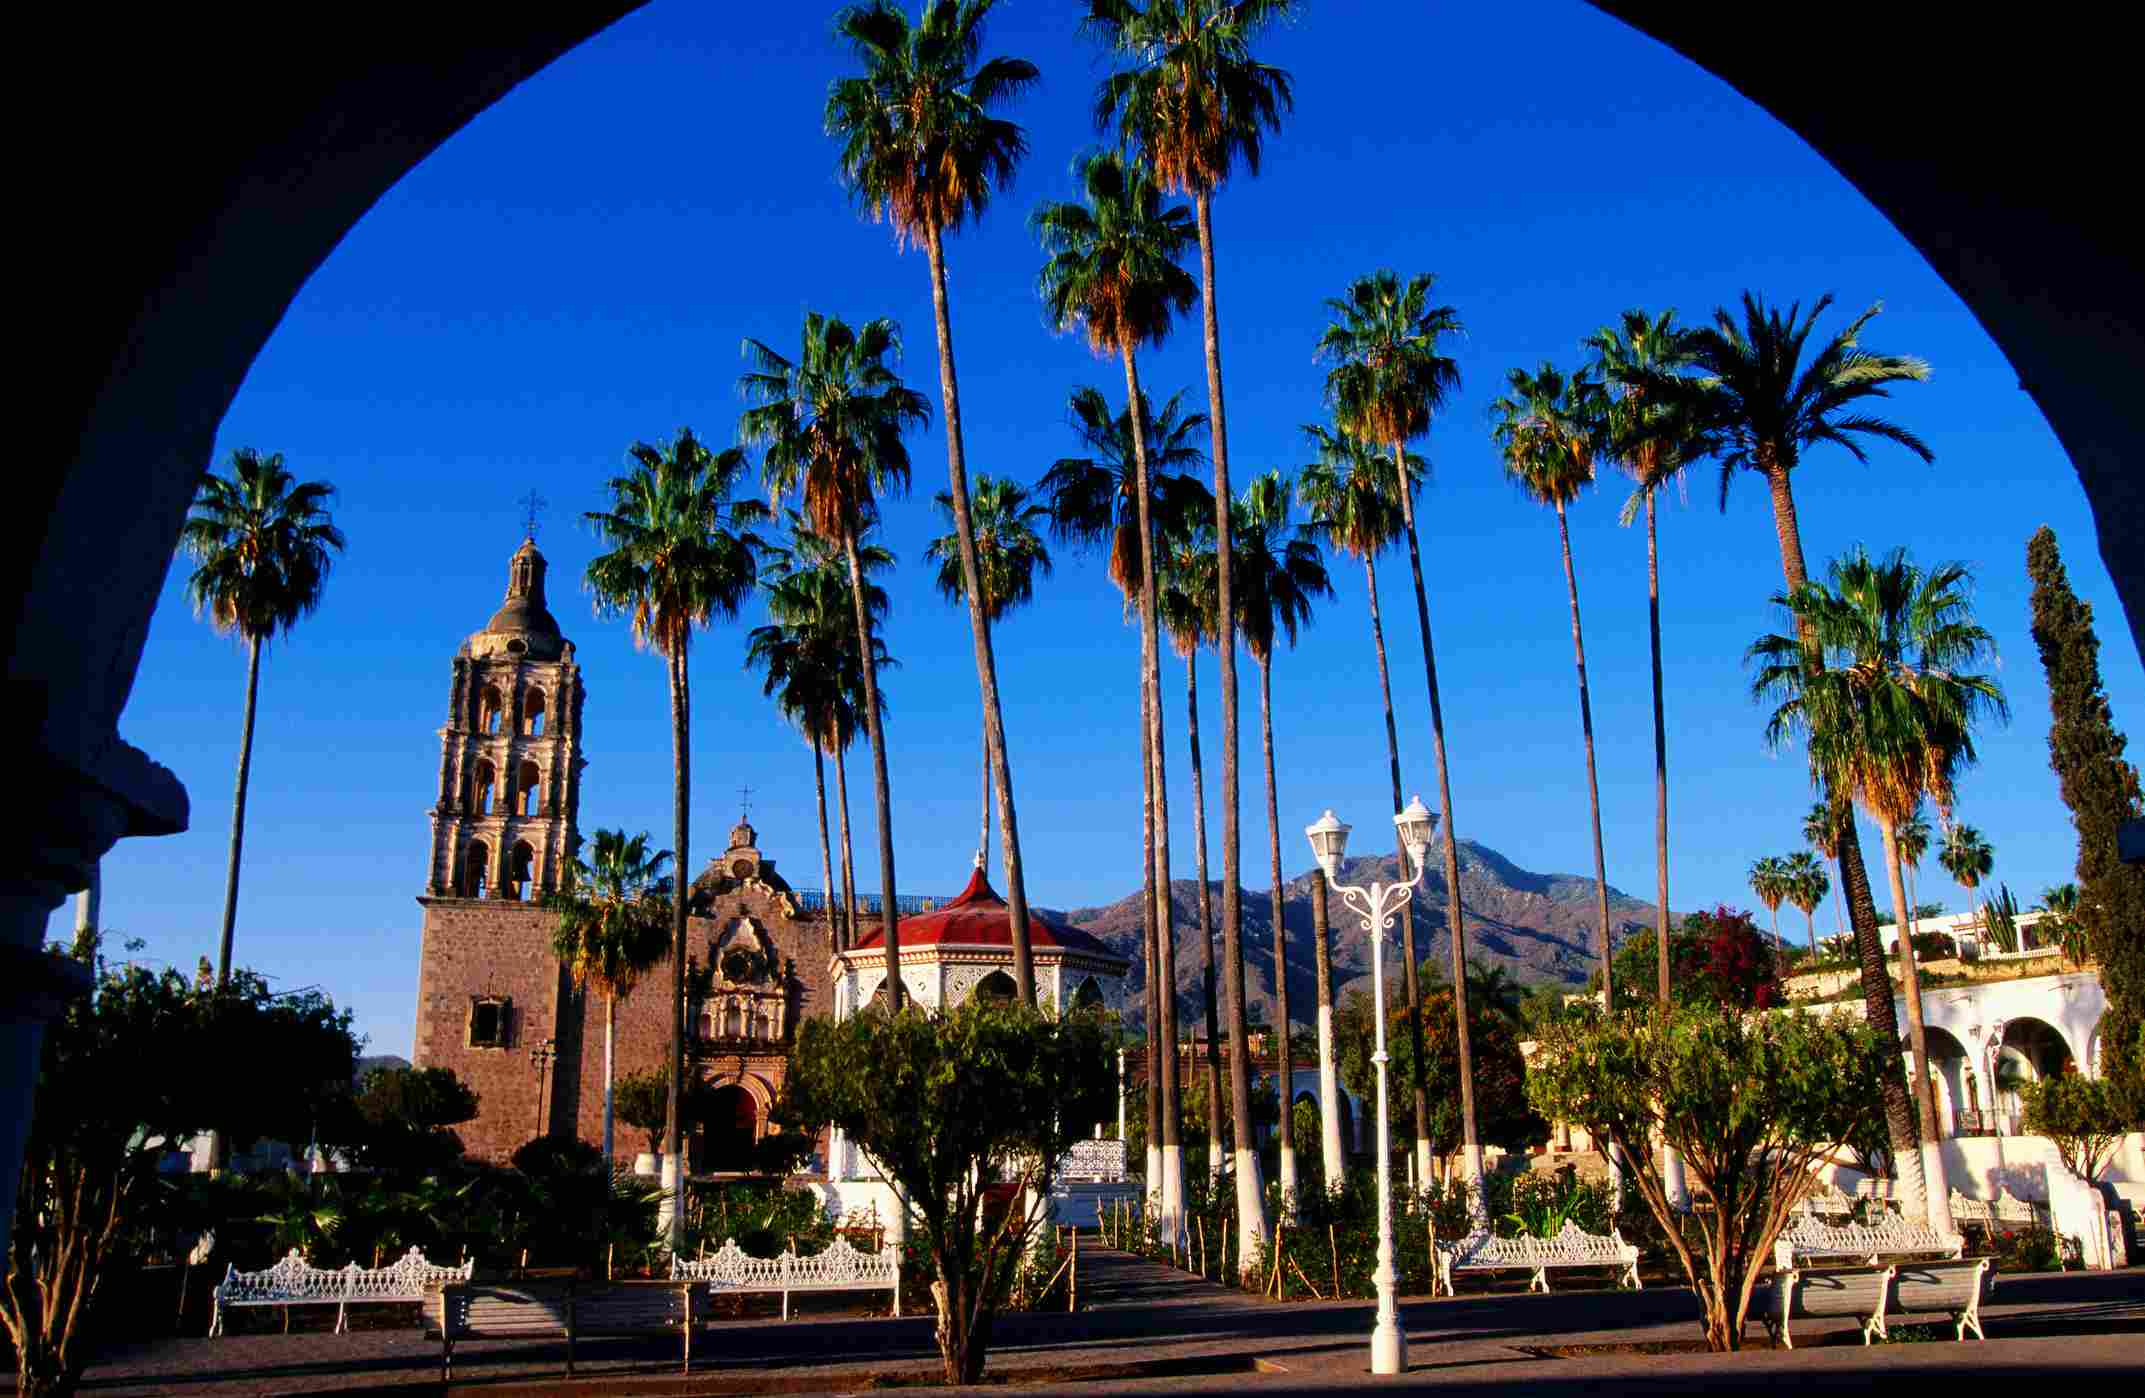 Plaza de Armas, Alamos, Sonora